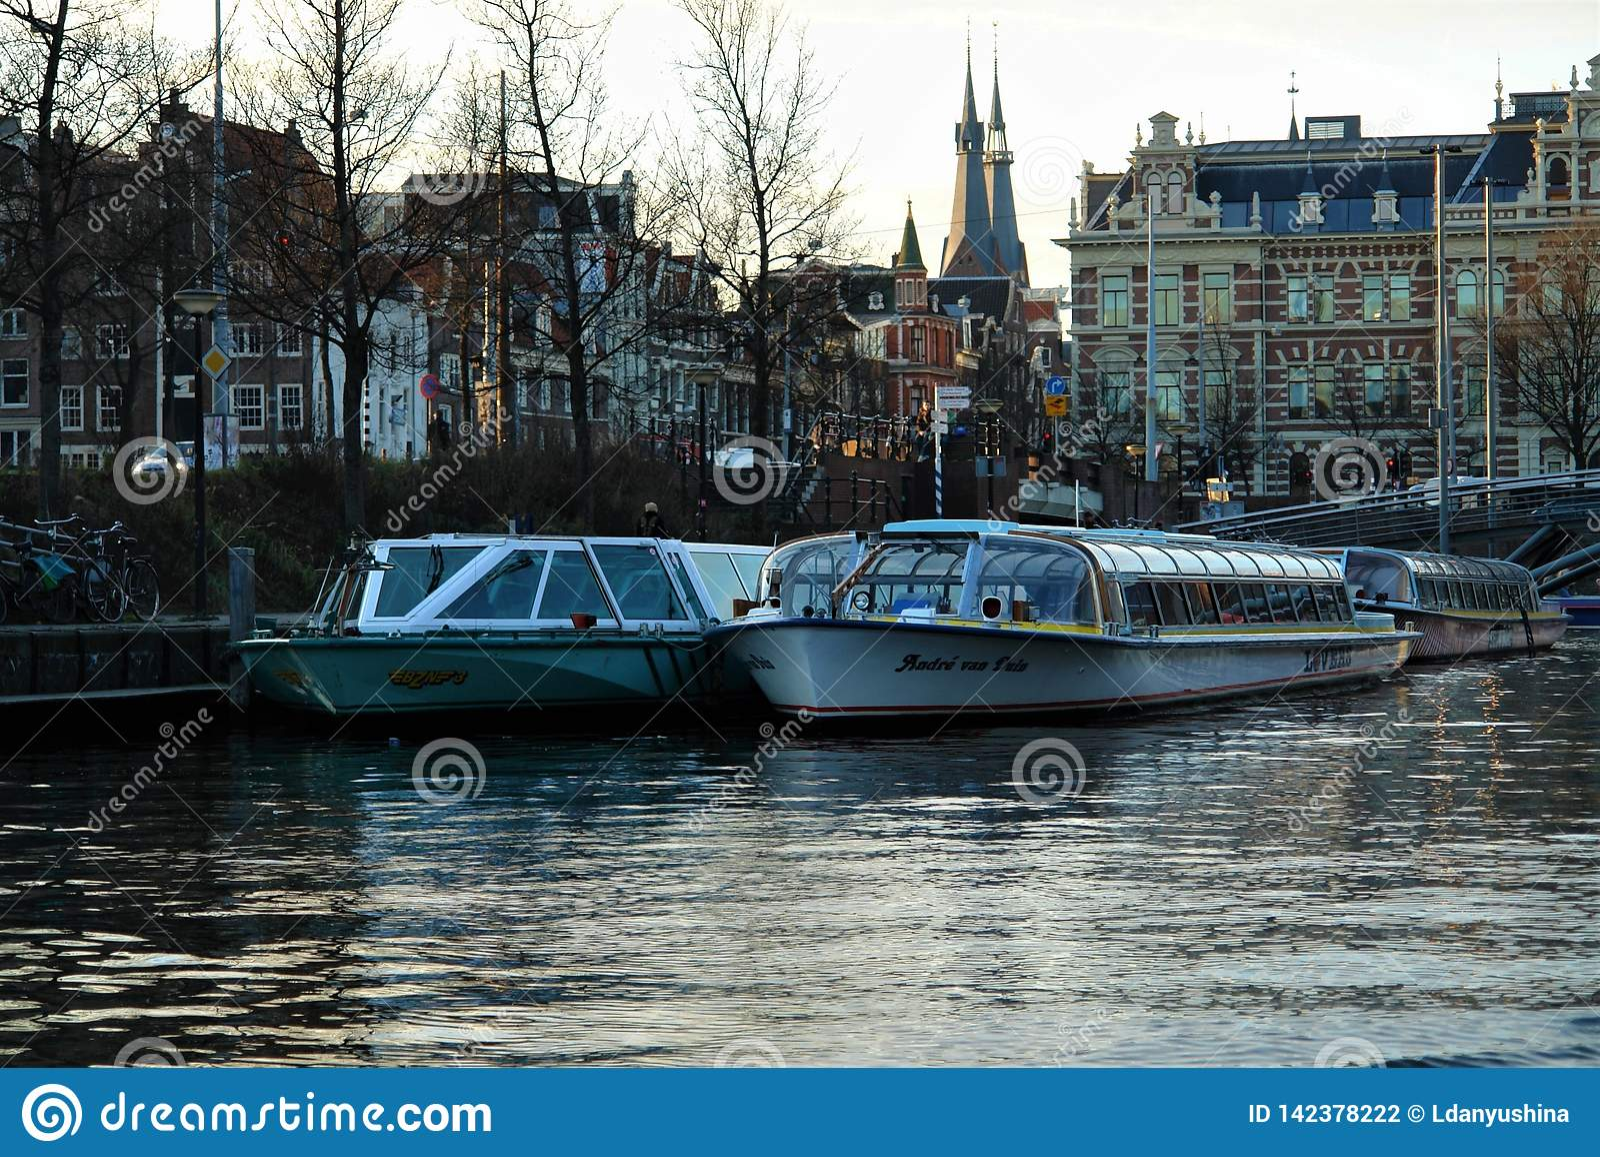 Morgen in Amsterdam Wasserstraße mit Booten auf dem Pier, reflektiert im ruhigen Wasser